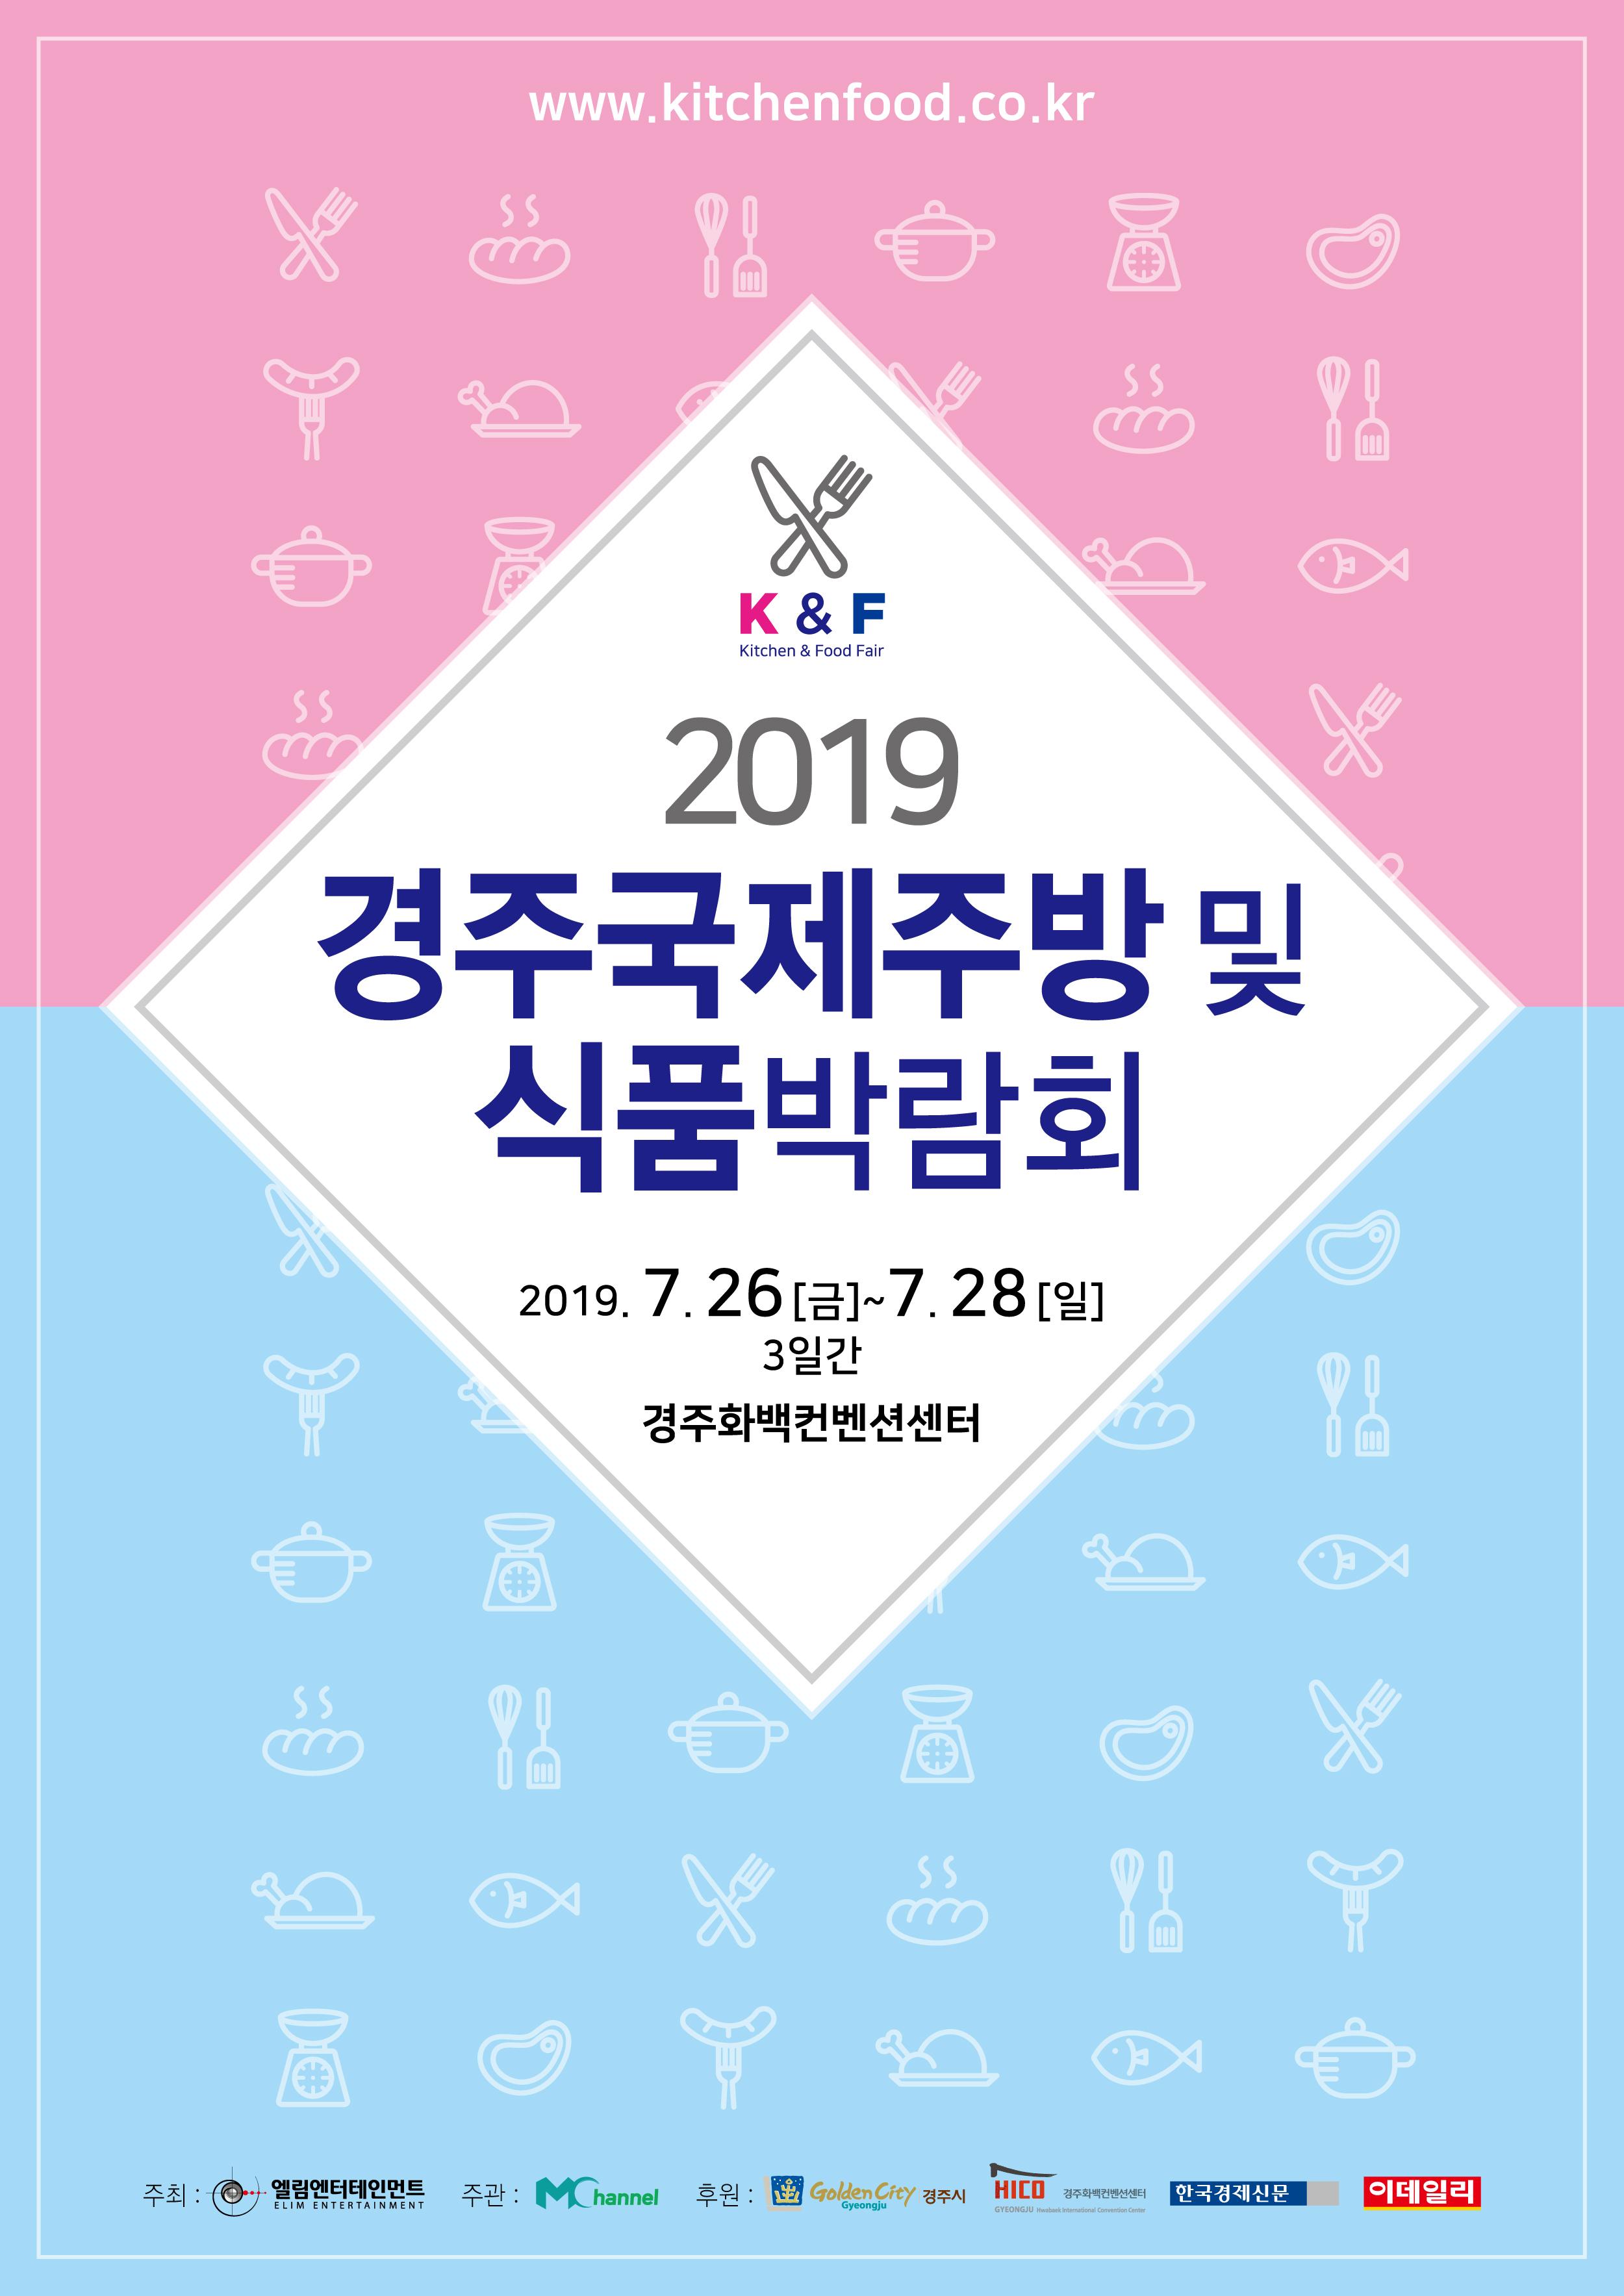 2019 경주국제주방 및 식품박람회